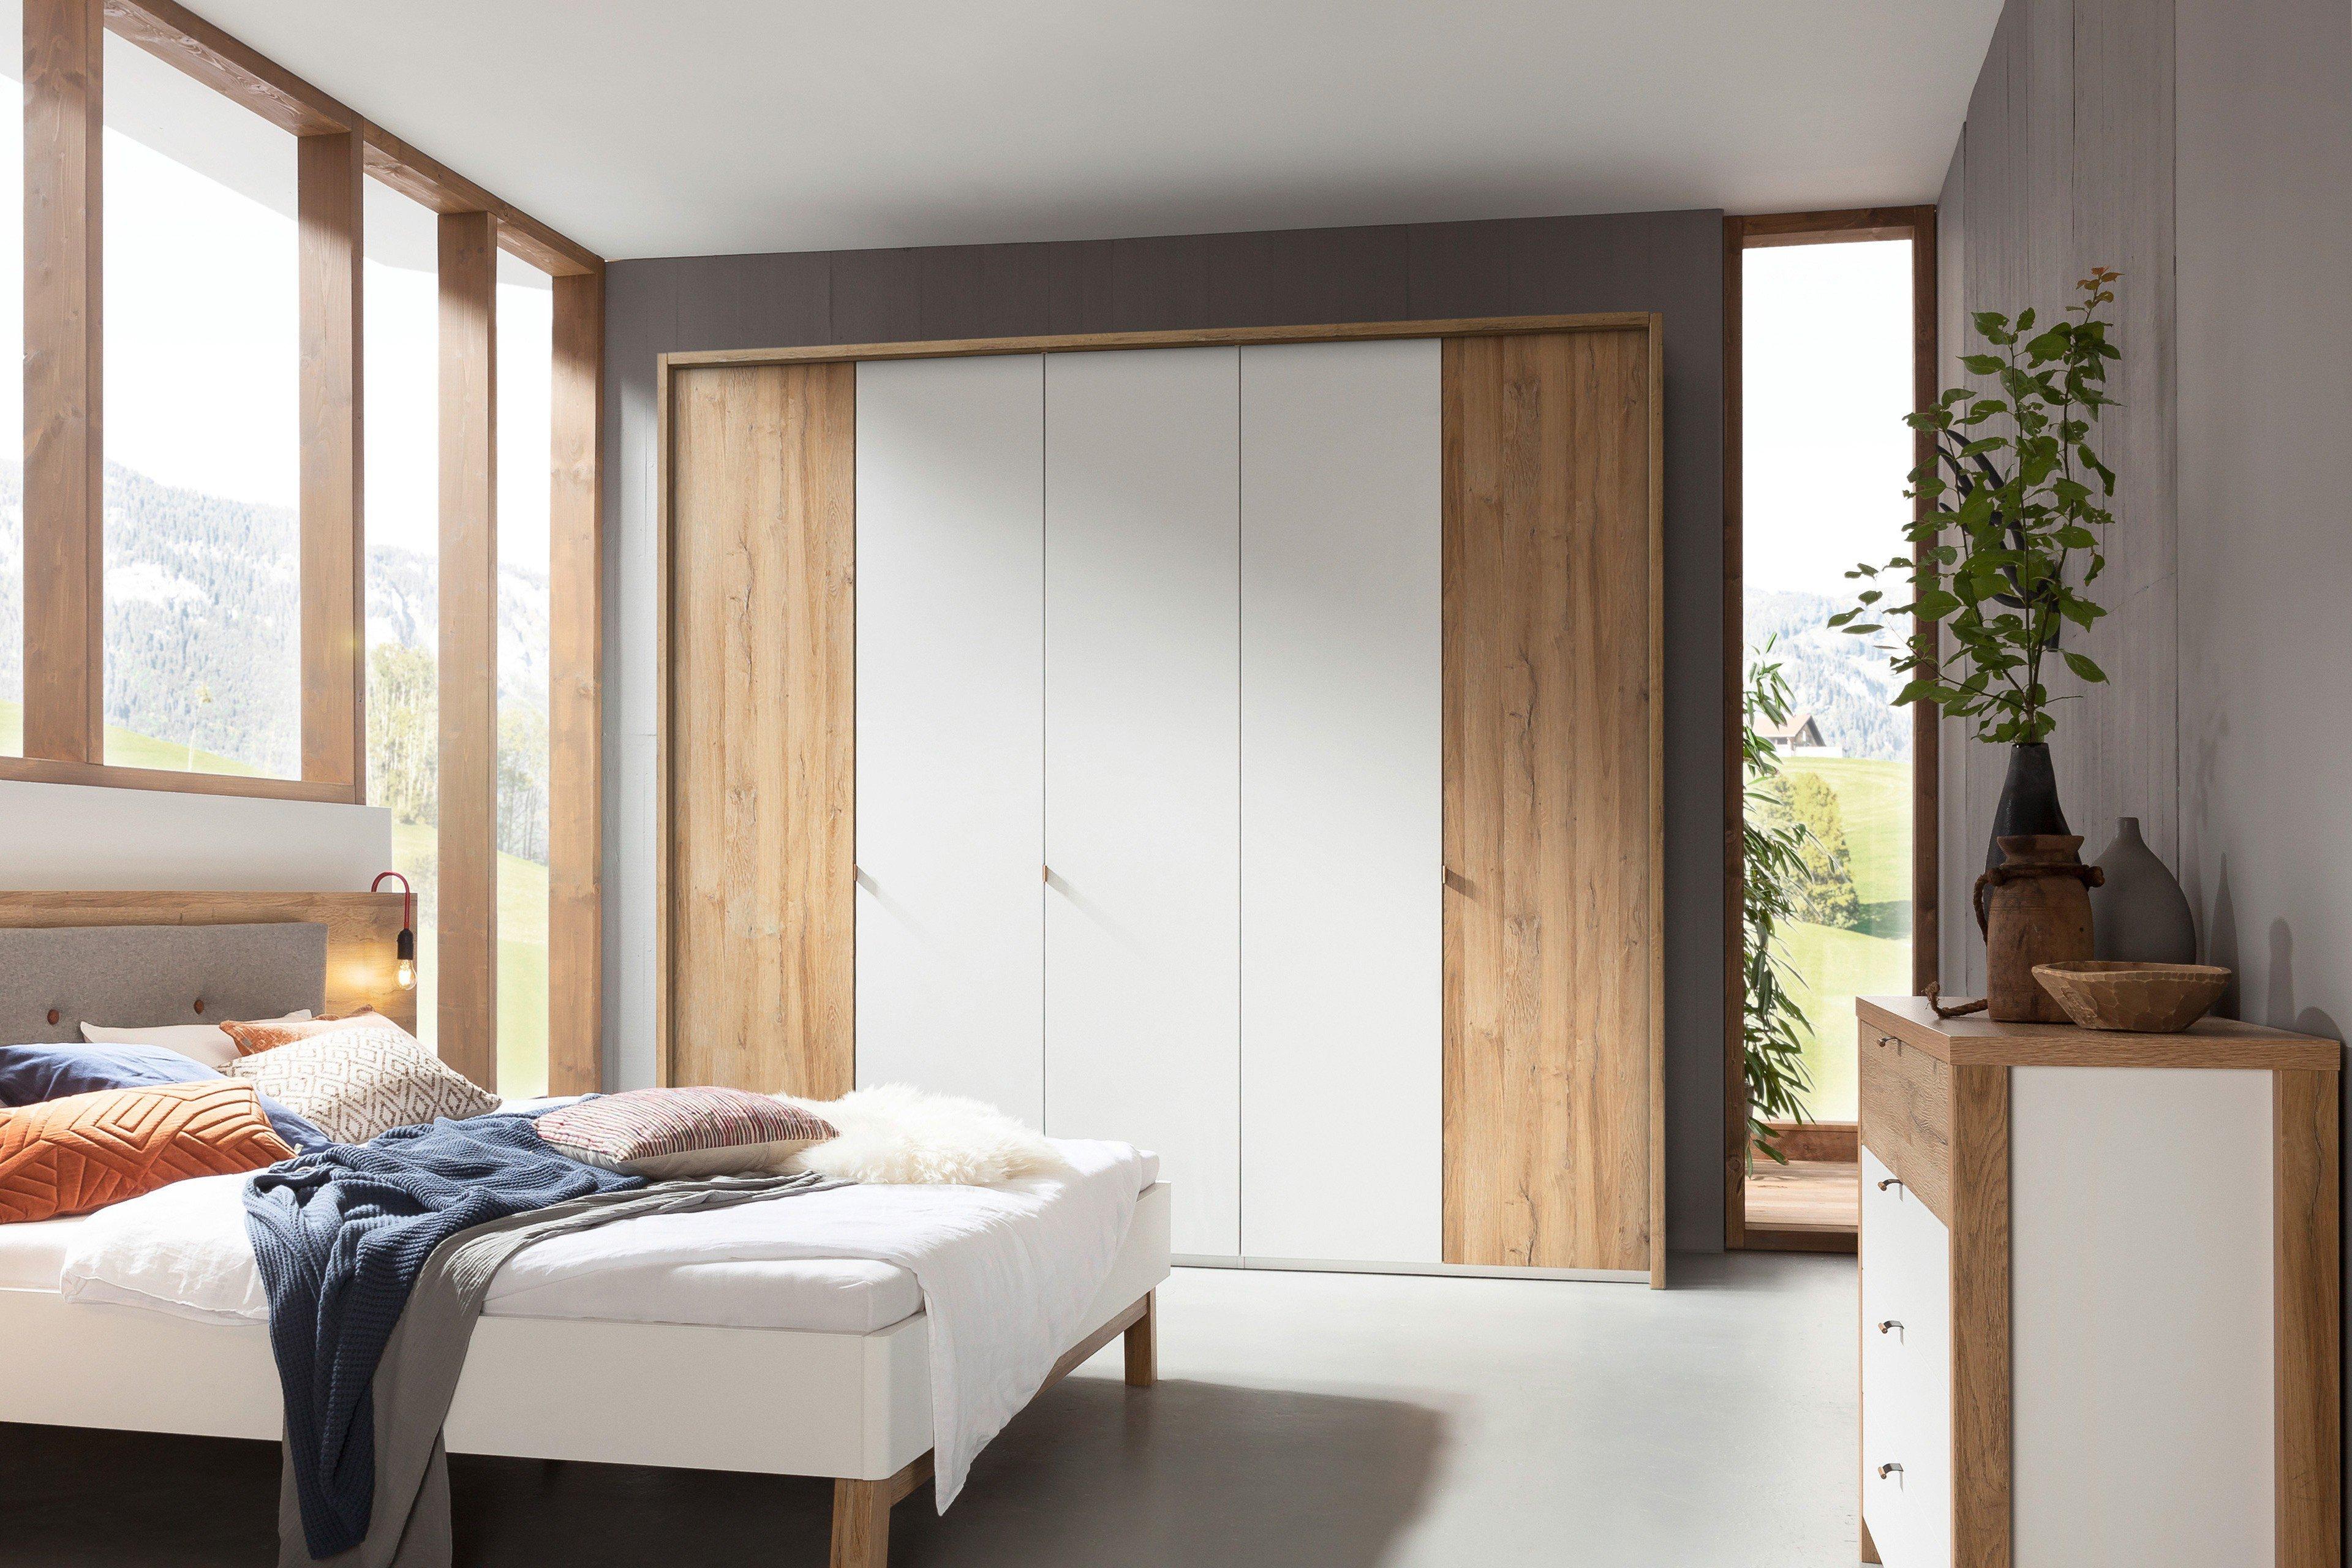 Großartig Kleiderschrank 250 Breit Das Beste Von Cepina Von Nolte - Schrank Planked Oak-weiß